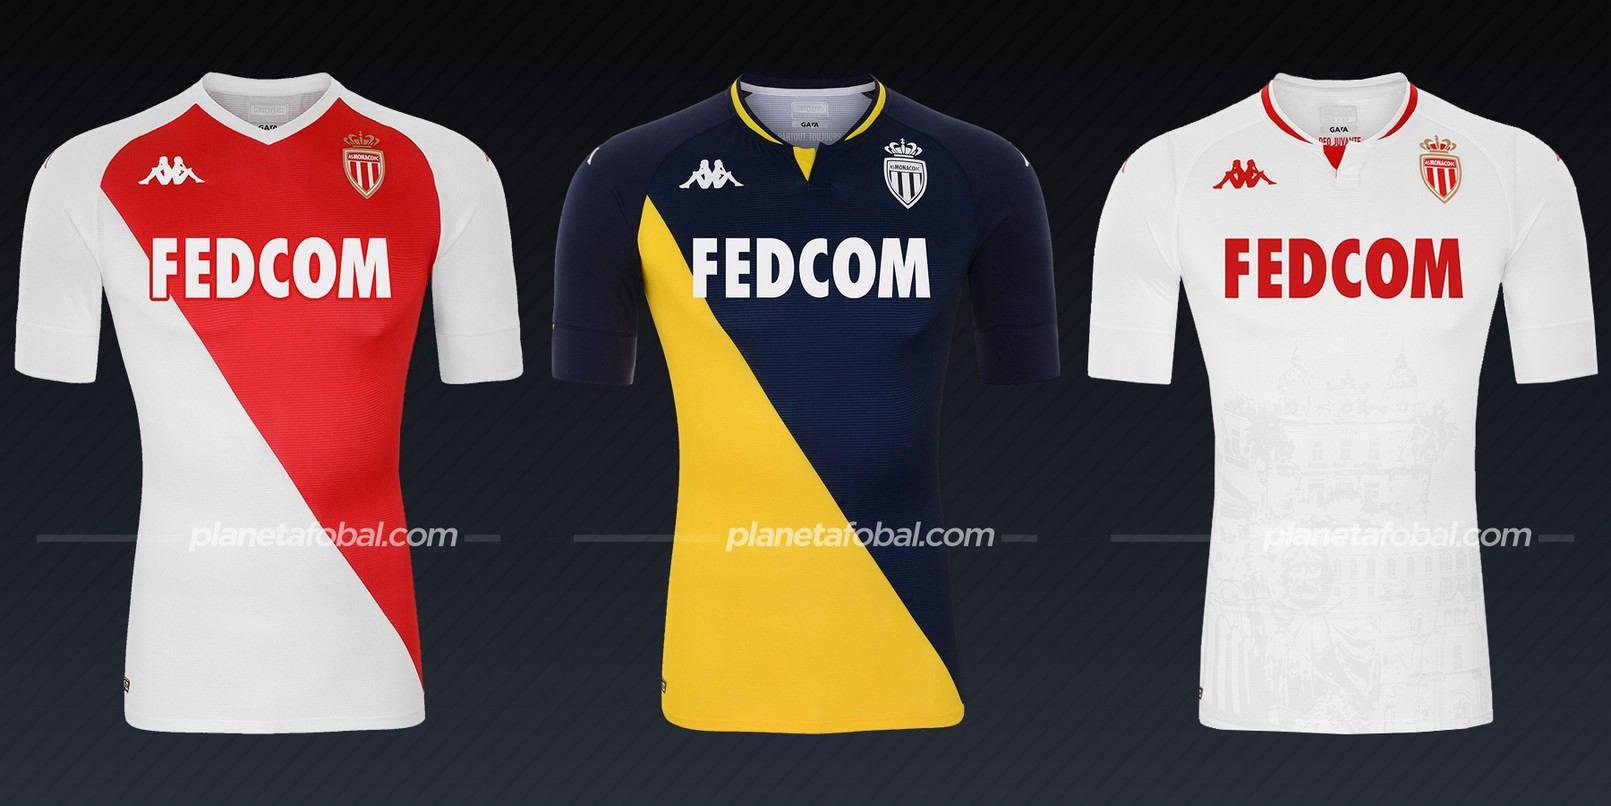 AS Monaco (Kappa) | Camisetas de la Ligue 1 2020/2021